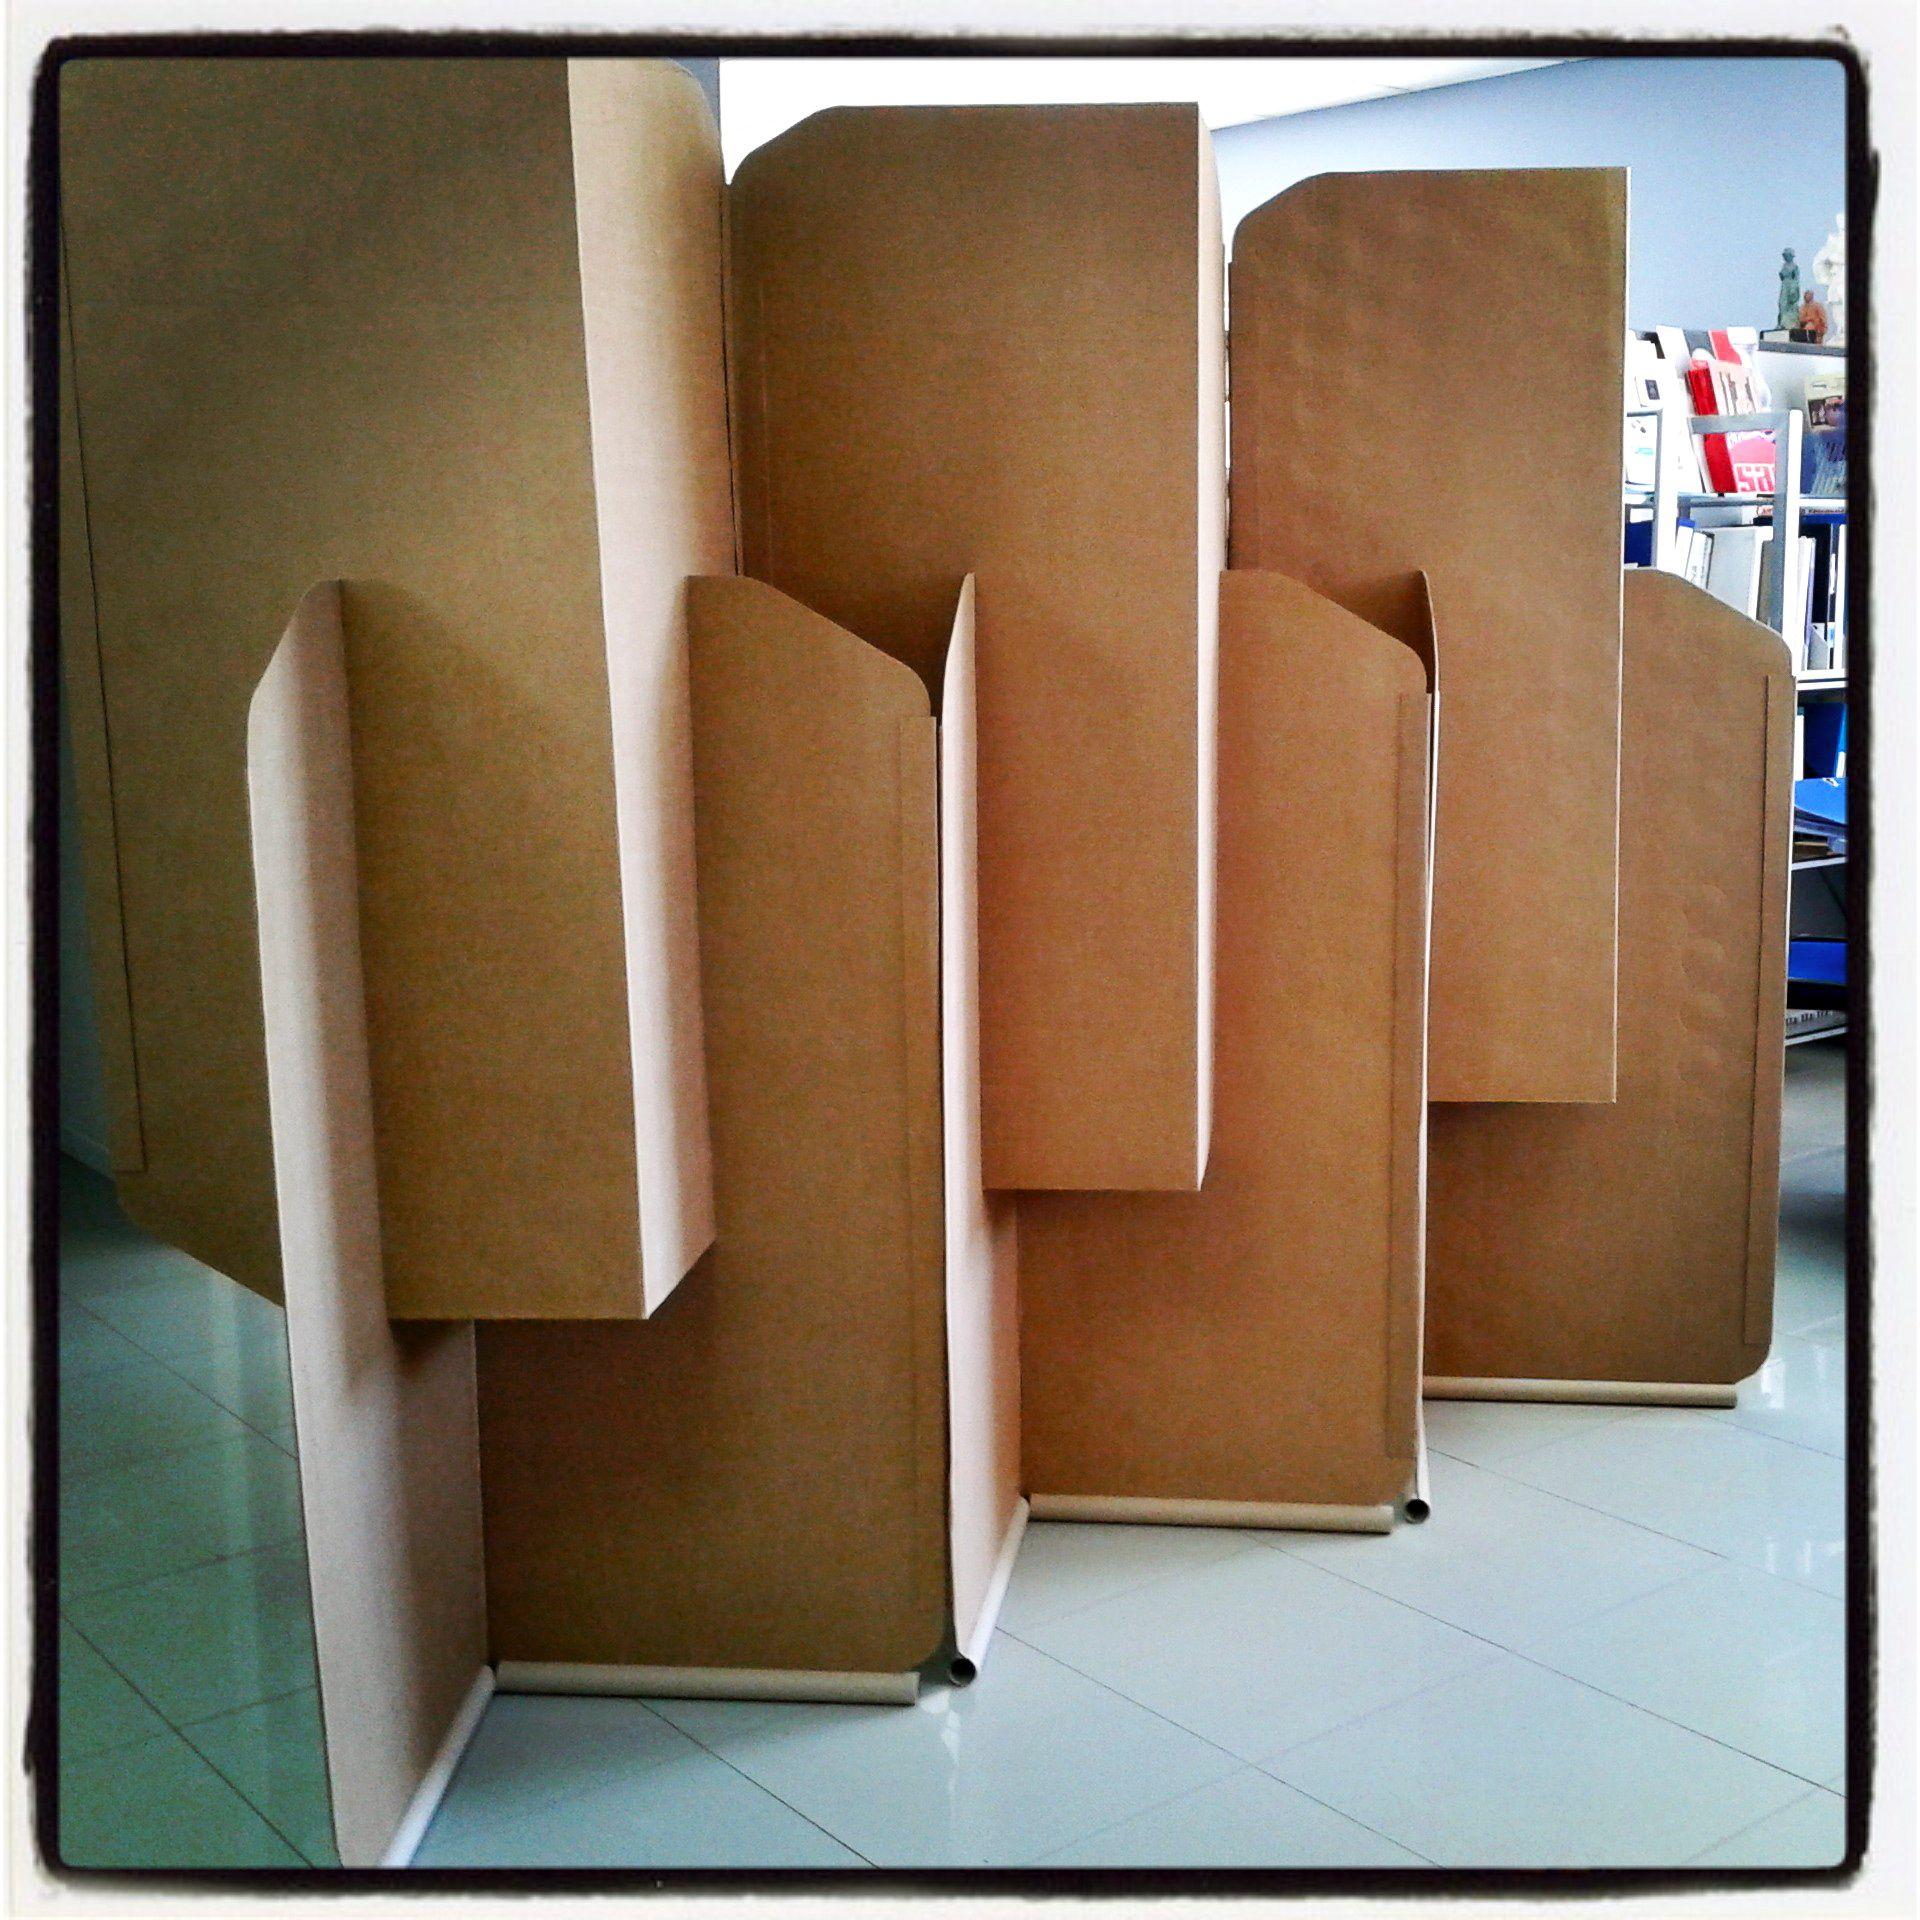 Biombos en carton buscar con google exposiciones y - Biombo de carton ...